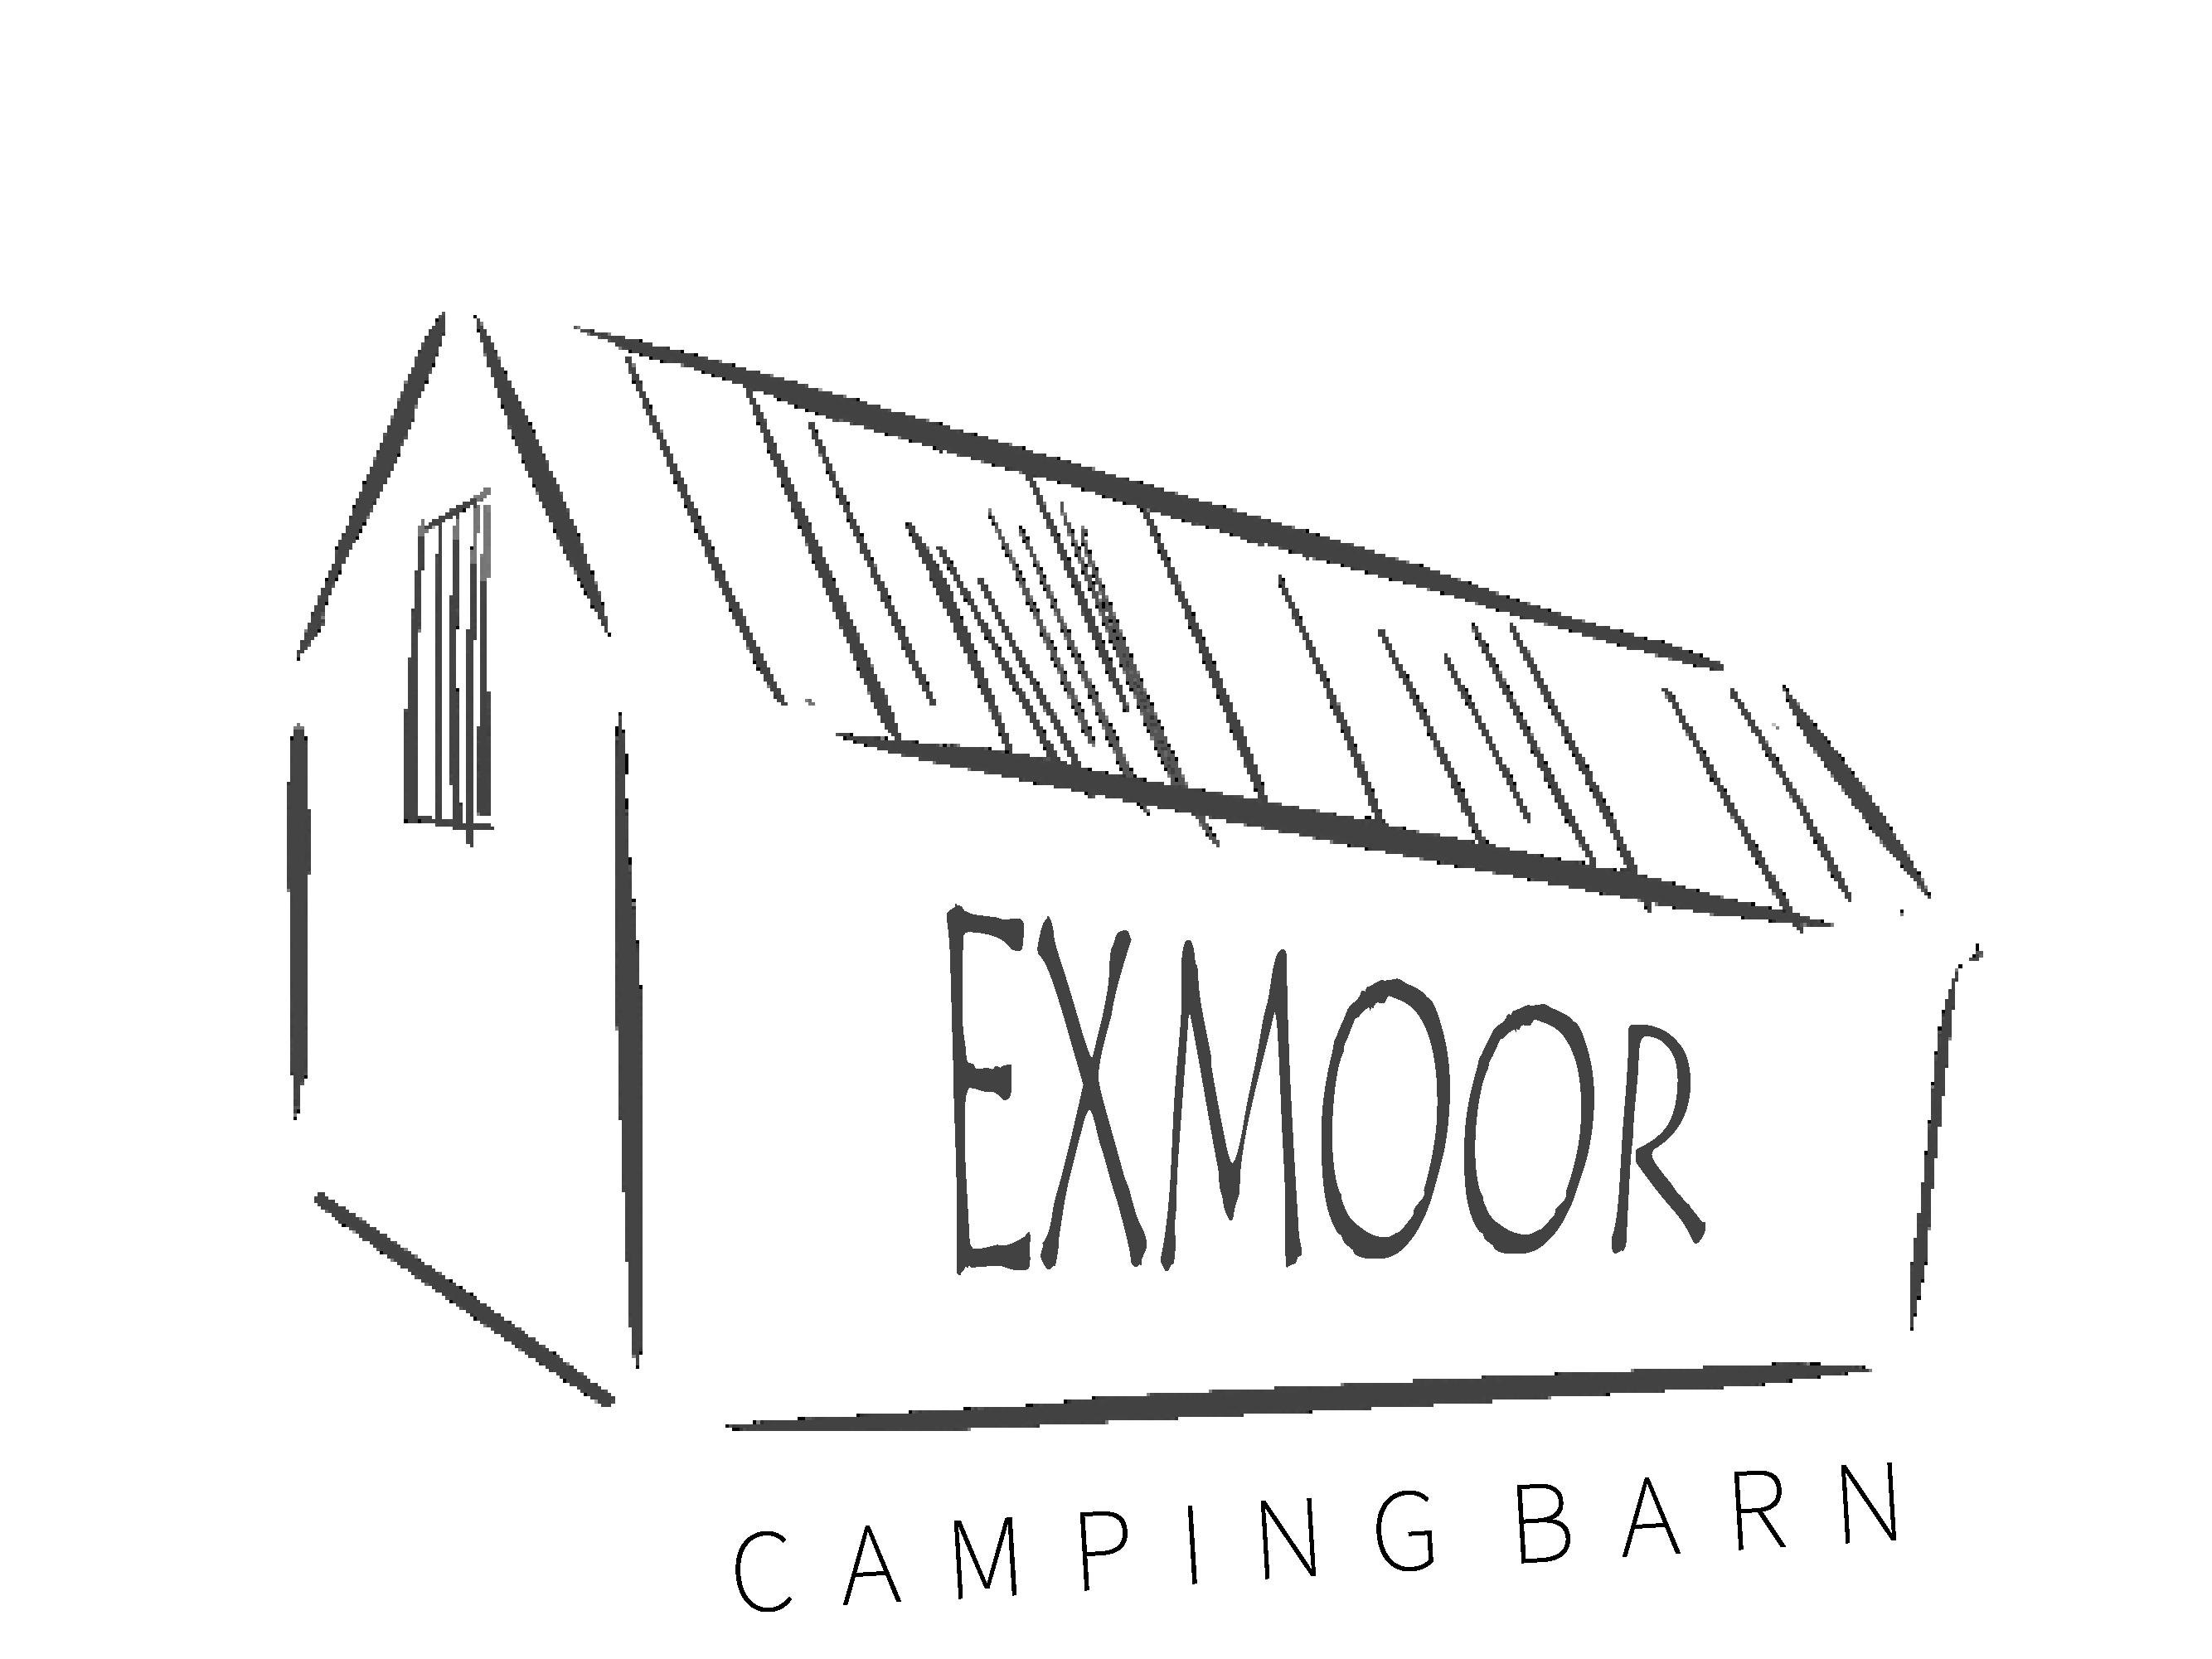 Exmoor Camping Barn